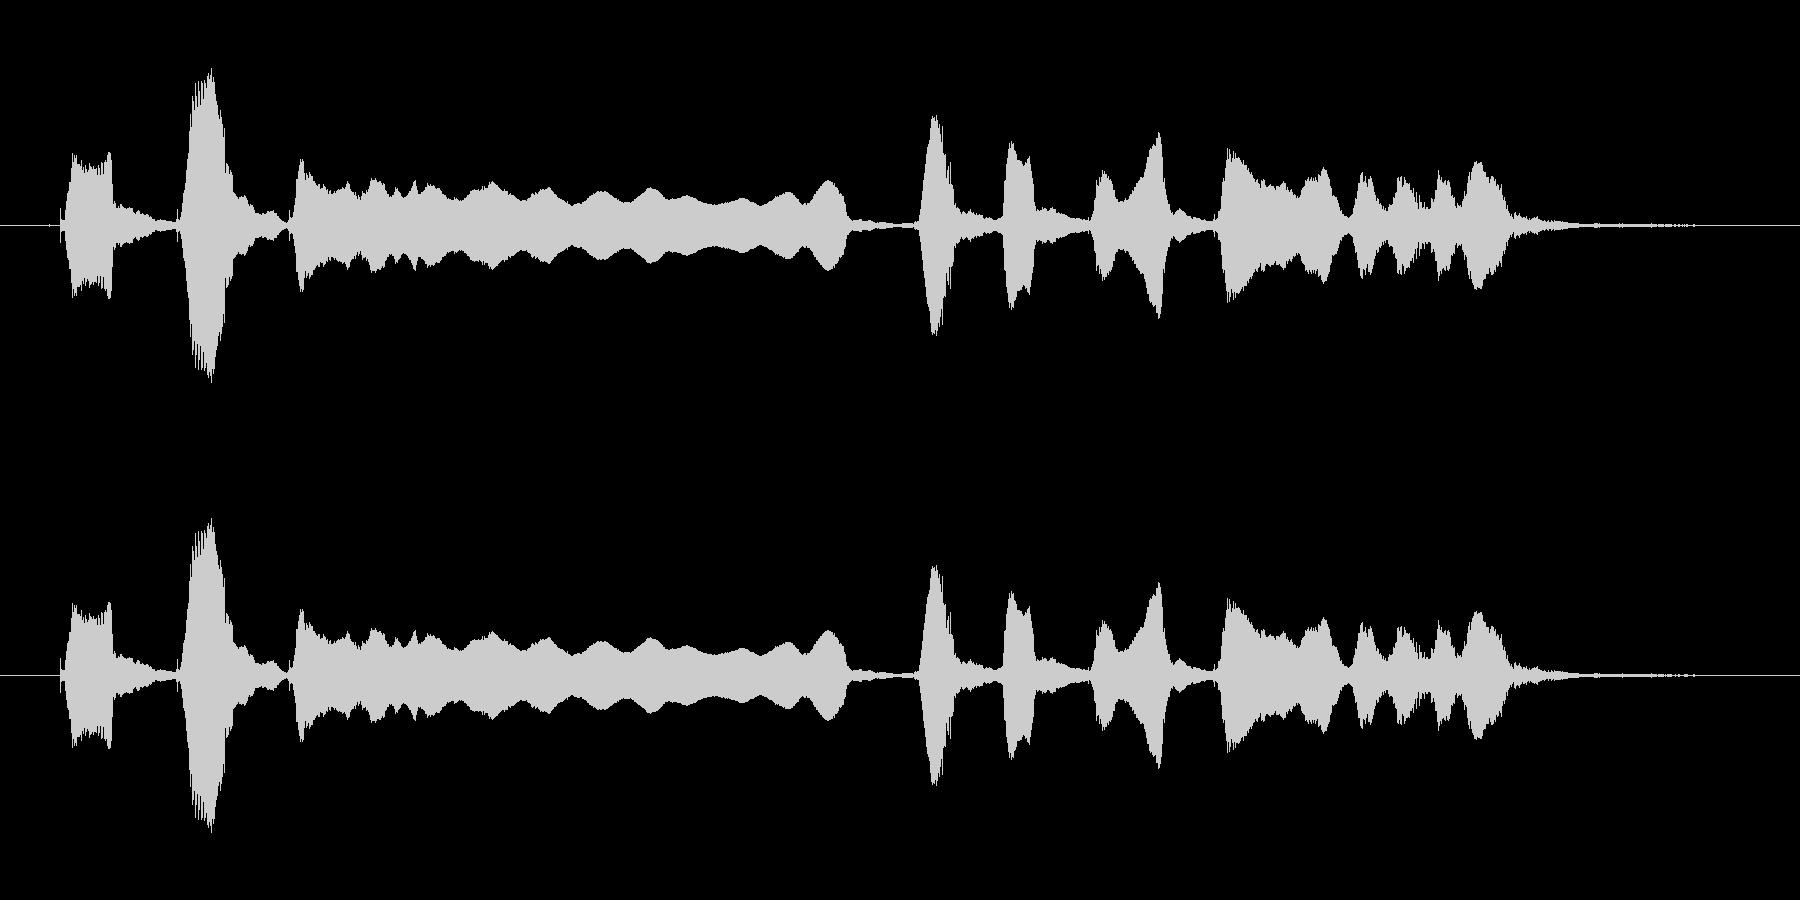 ブルースハープ音源の未再生の波形